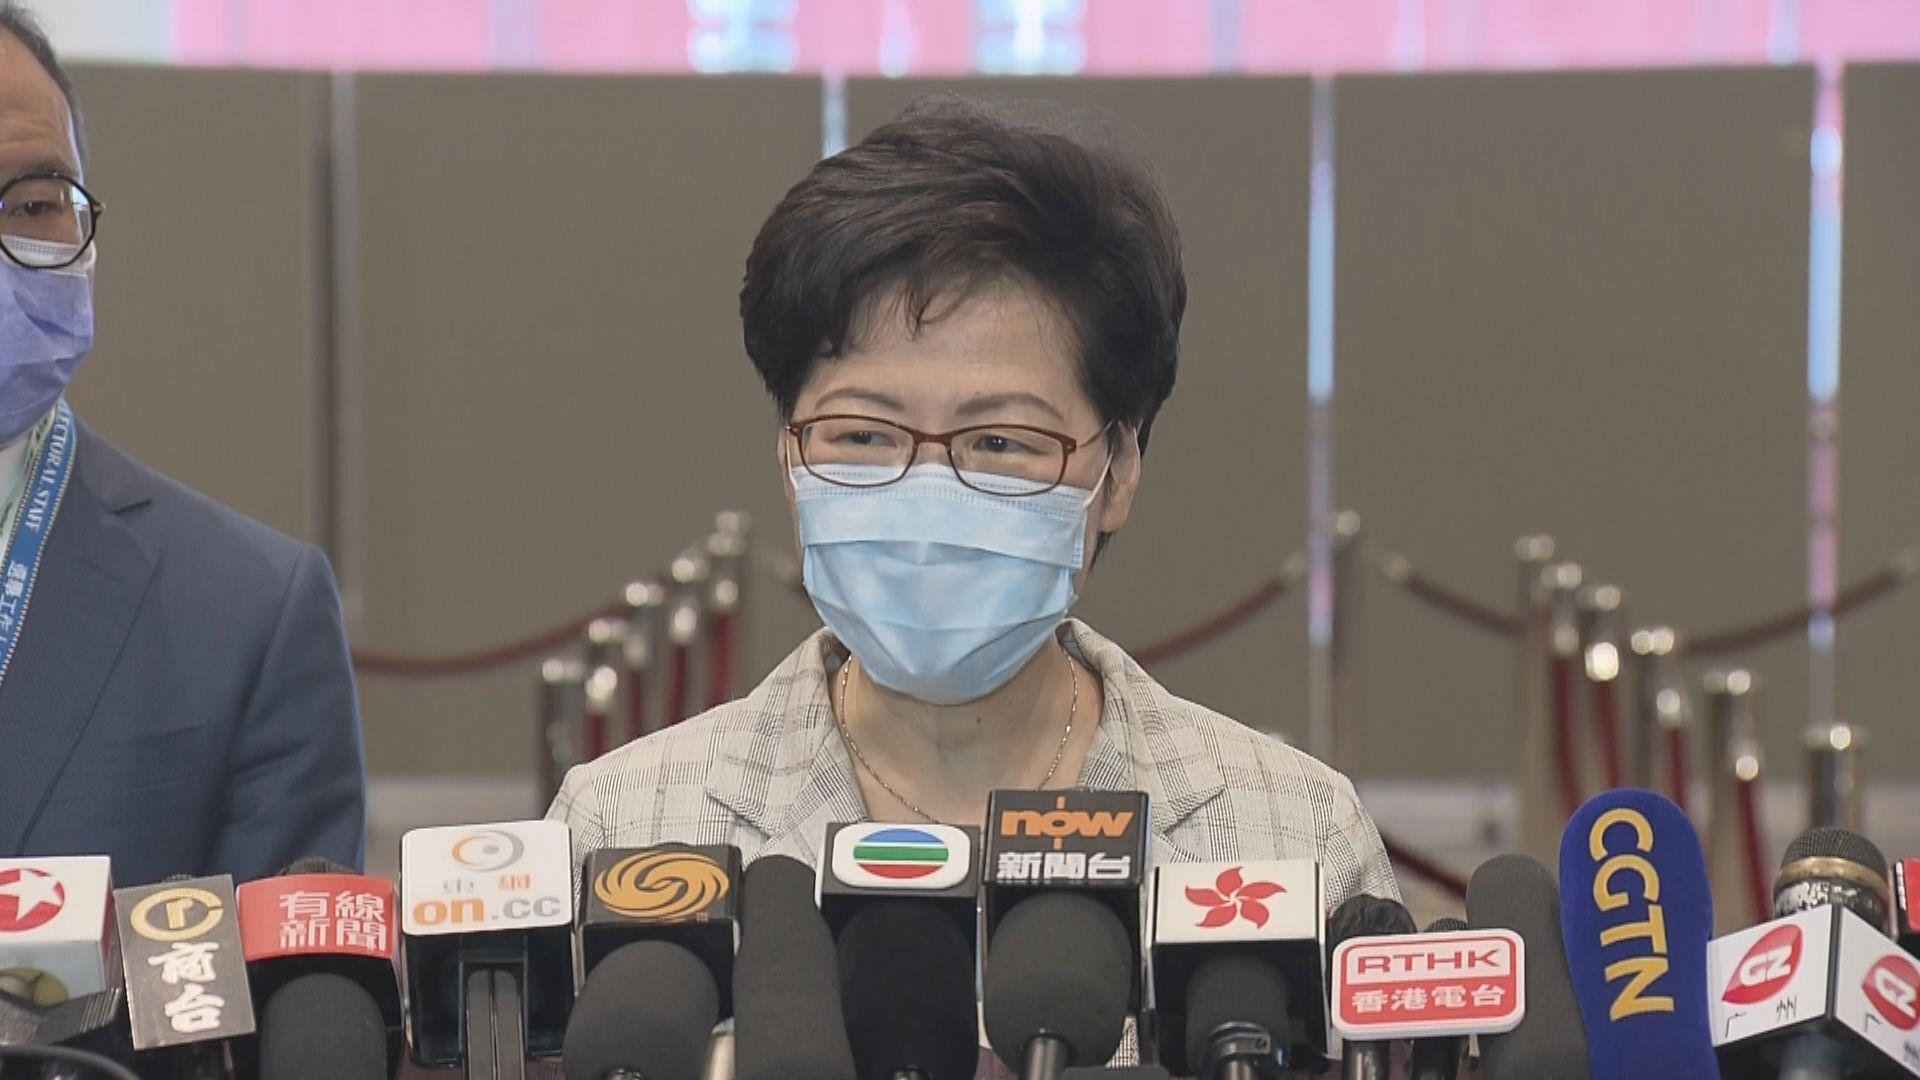 林鄭:今次選舉意義重大 有助香港重回一國兩制初心